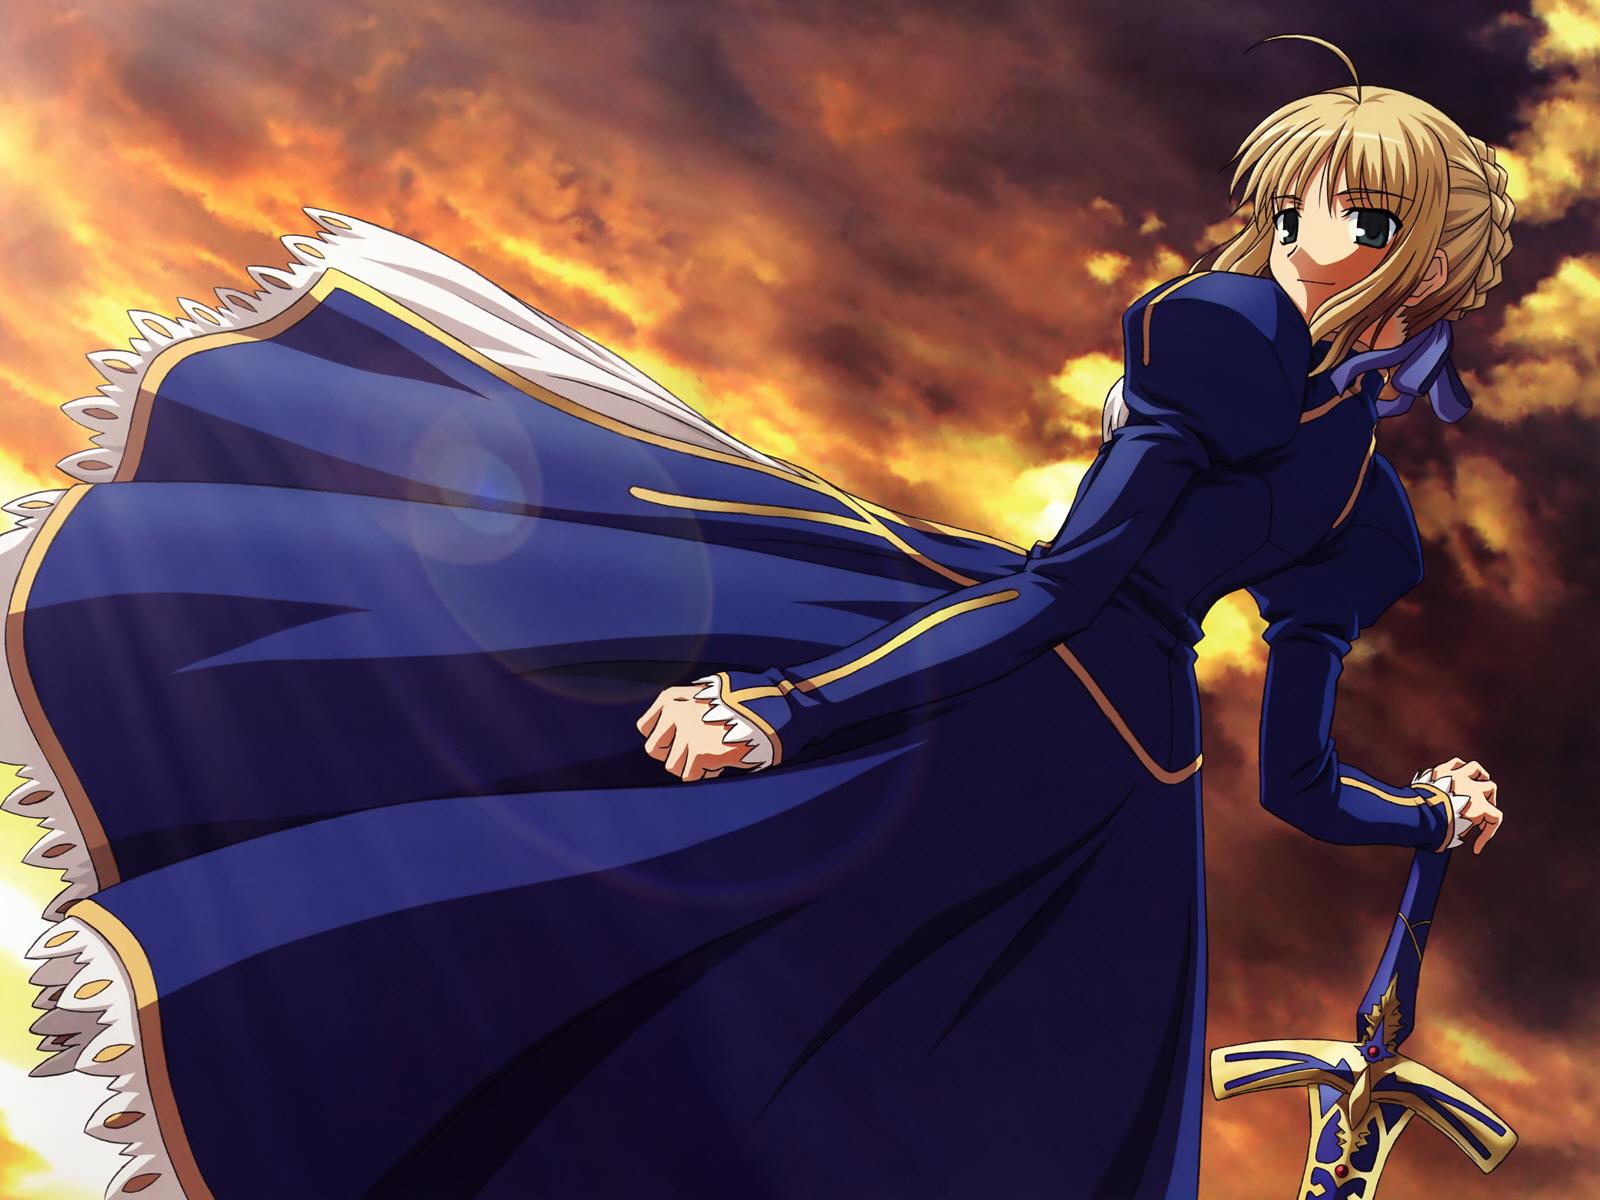 fatestay night saber tagme konachancom   Konachancom Anime 1600x1200